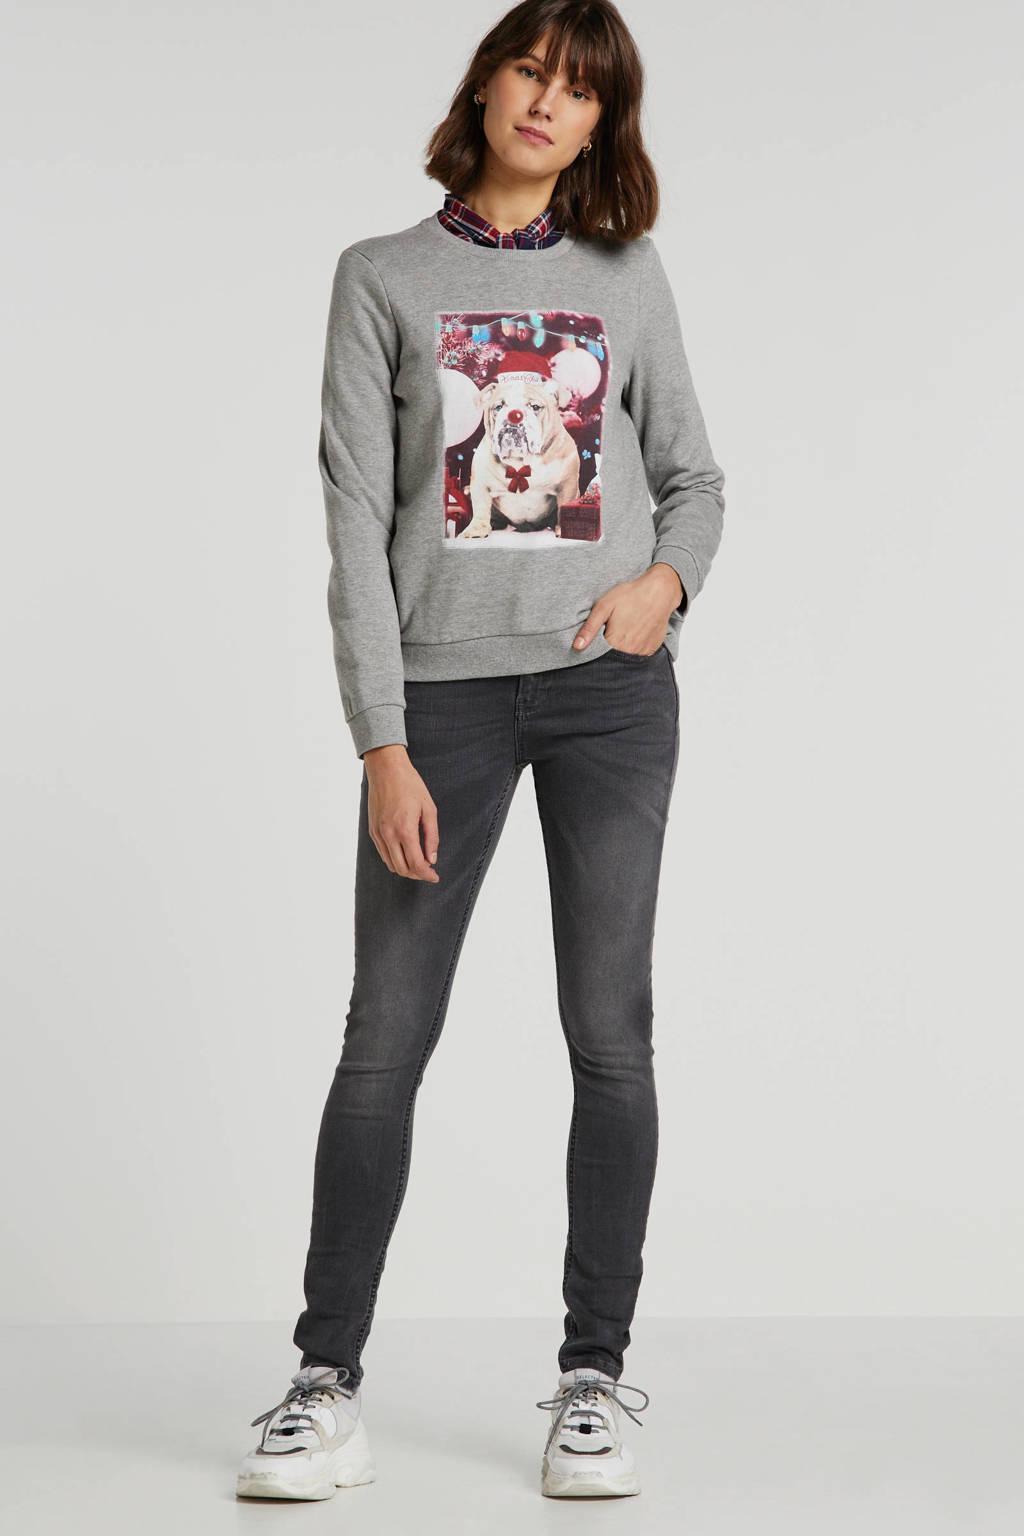 VERO MODA kerstsweater met dierenprint grijs, Grijs